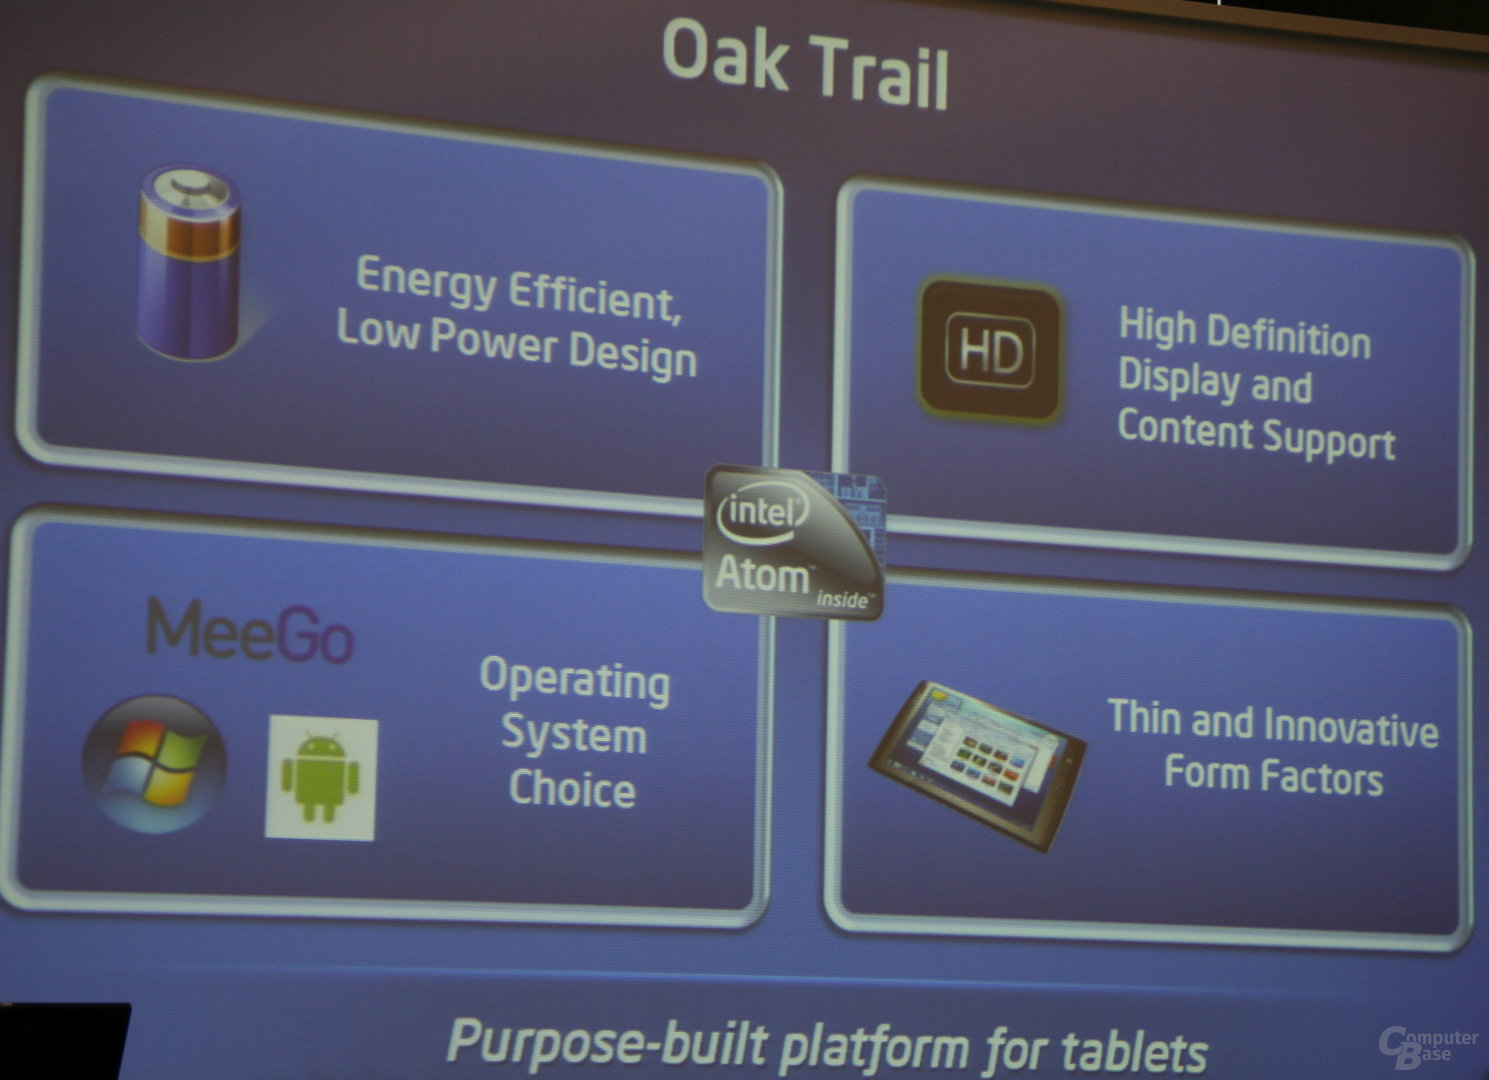 Oak Trail